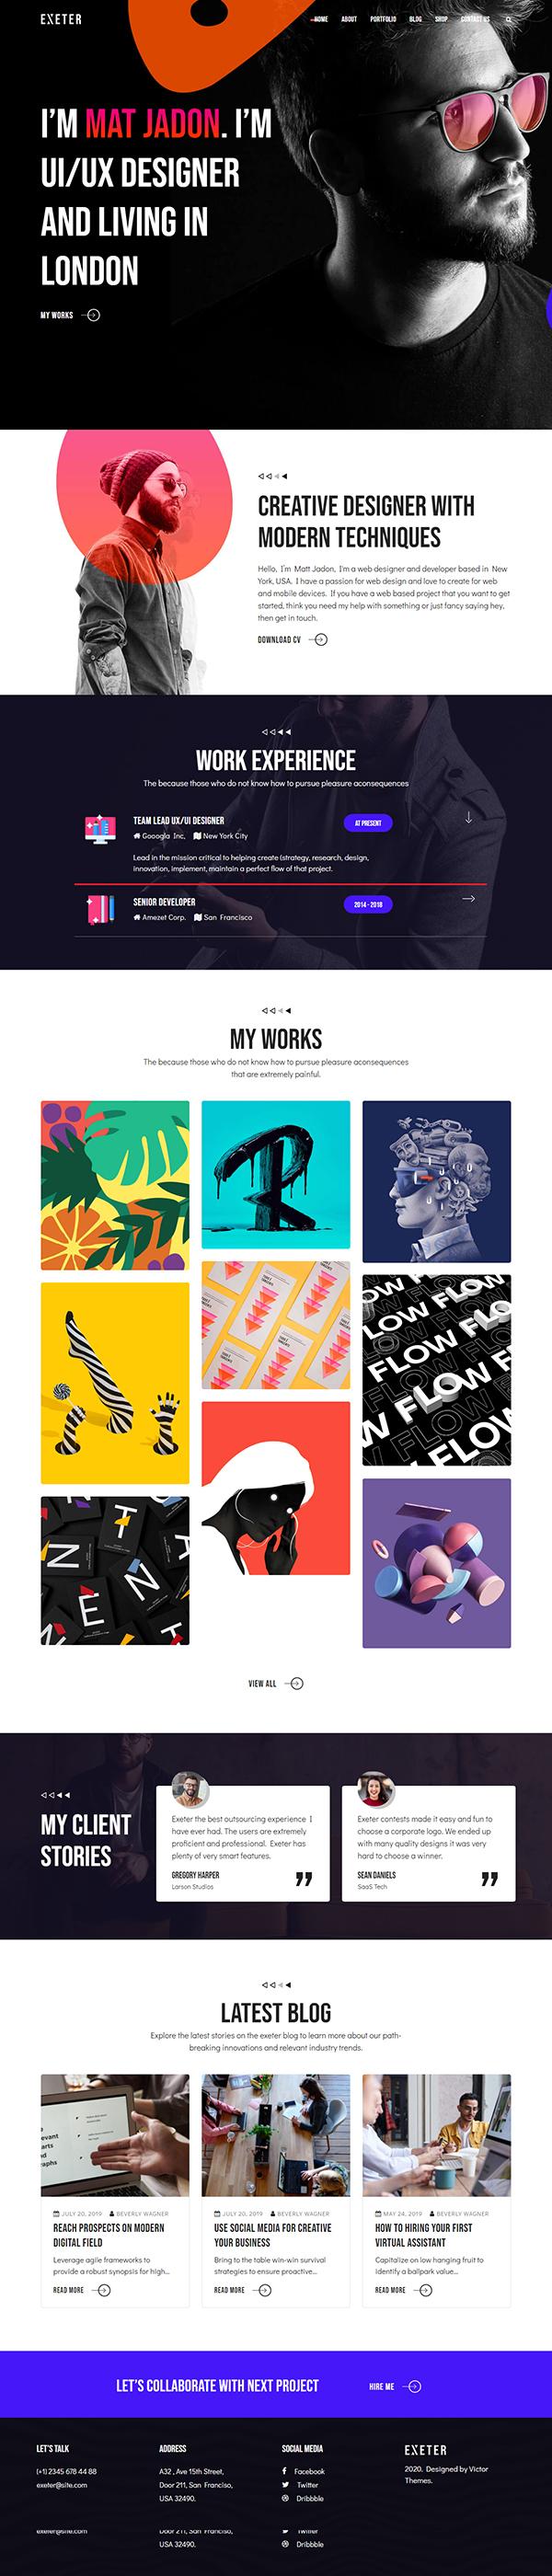 Exeter Personal Portfolio Wordpress Theme In 2020 Creative Wordpress Themes Wordpress Theme Top Wordpress Themes